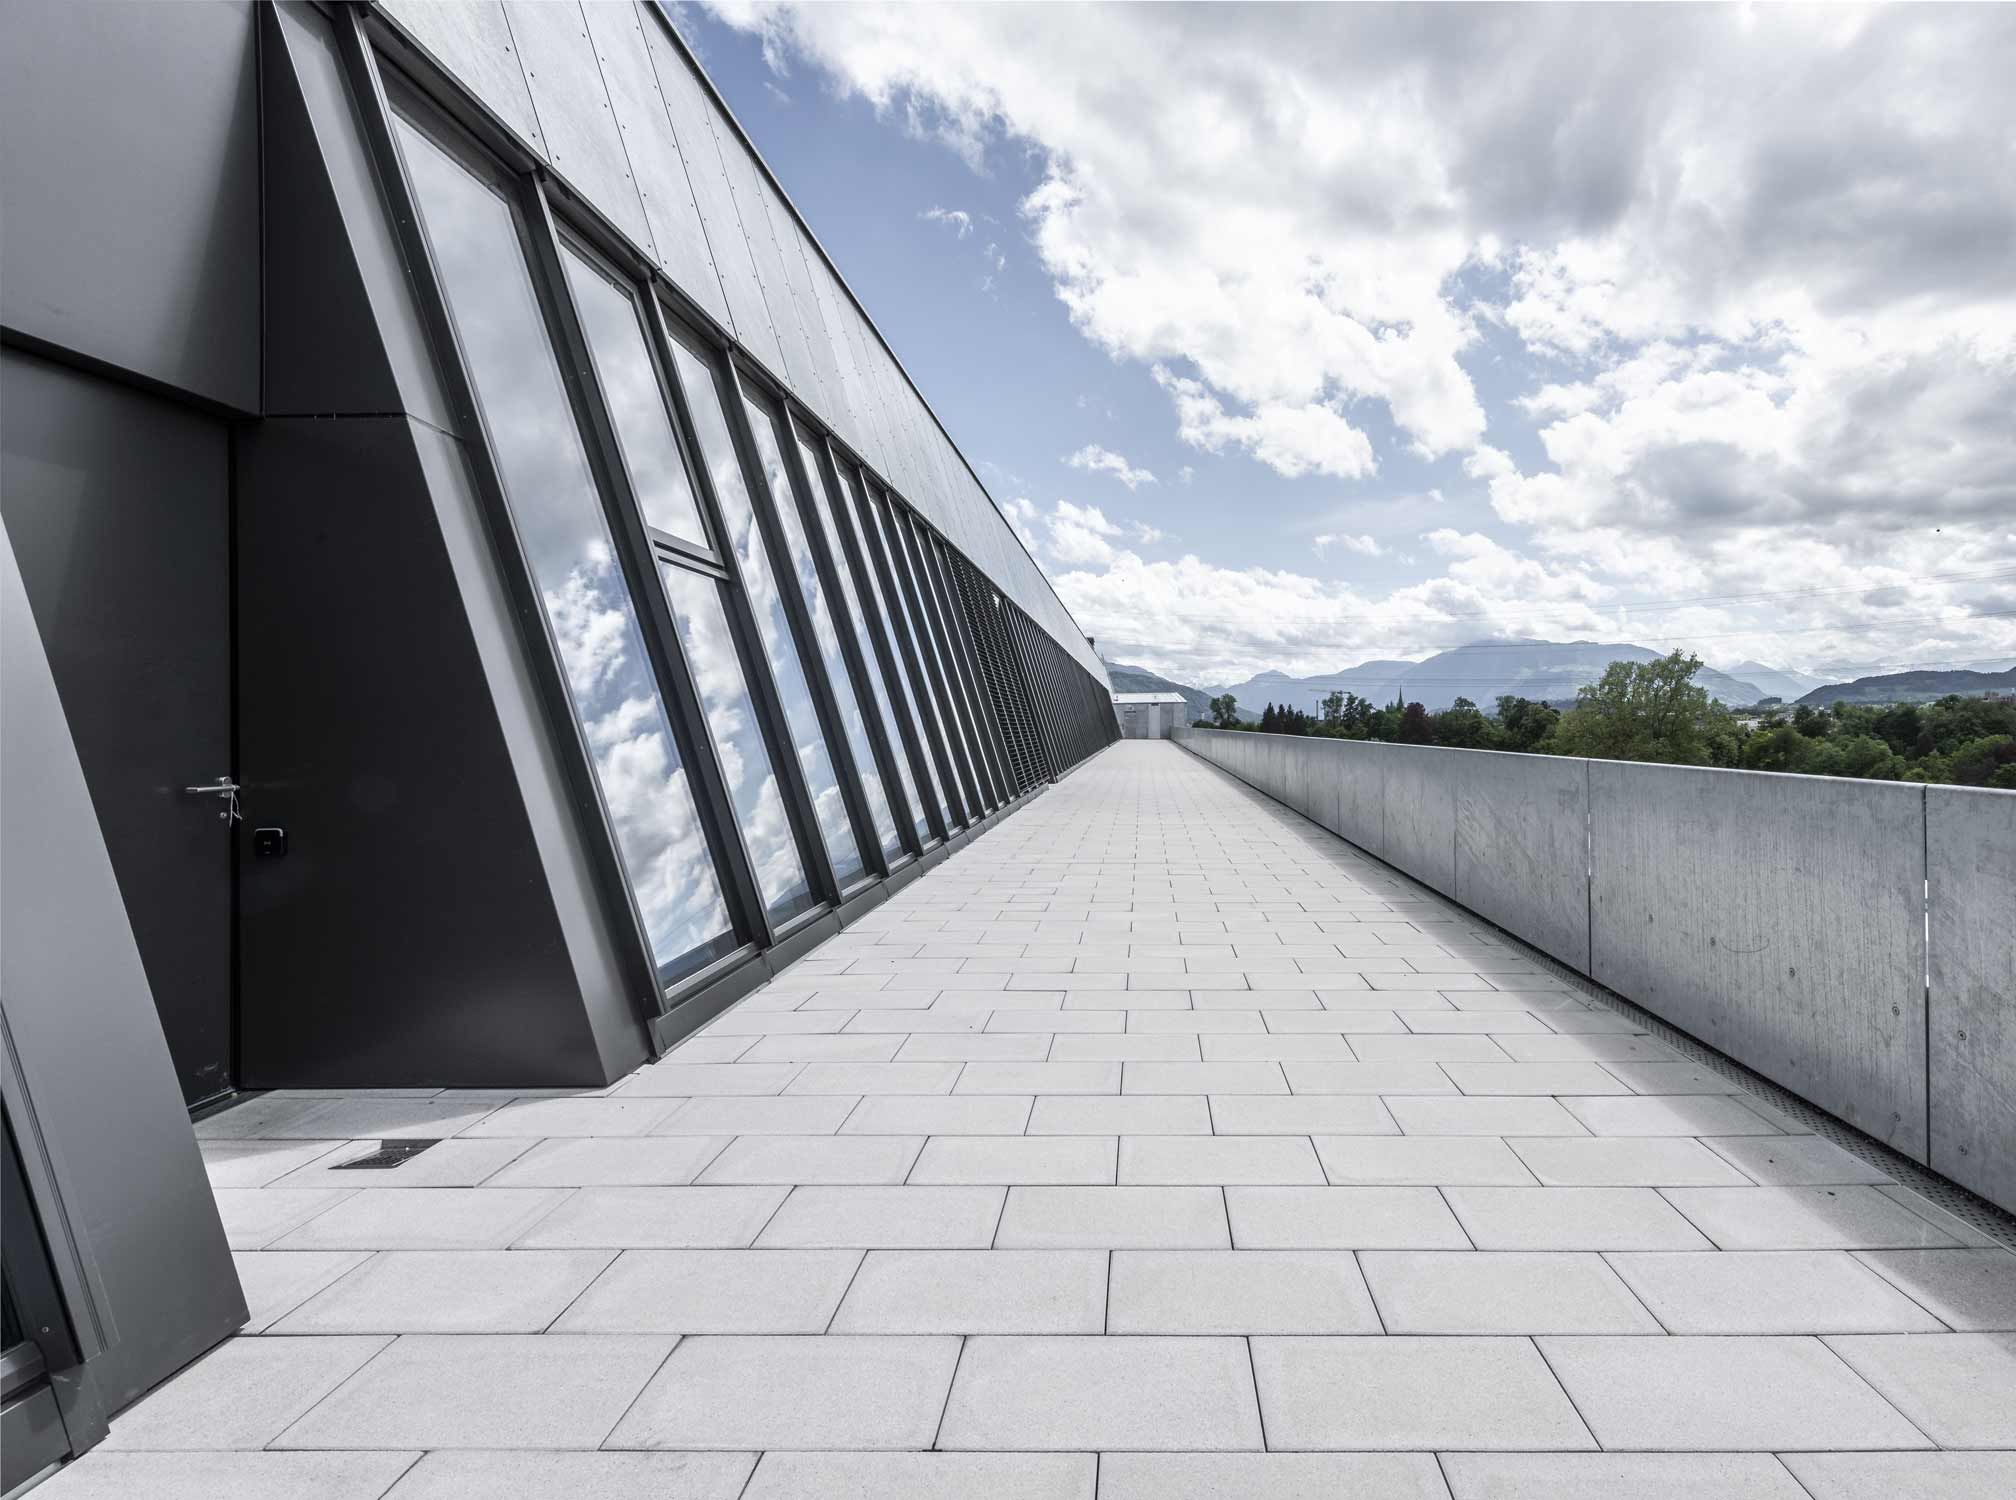 OYM Aussenaufnahme Dachterrasse Architekturfotografie Regine Giesecke